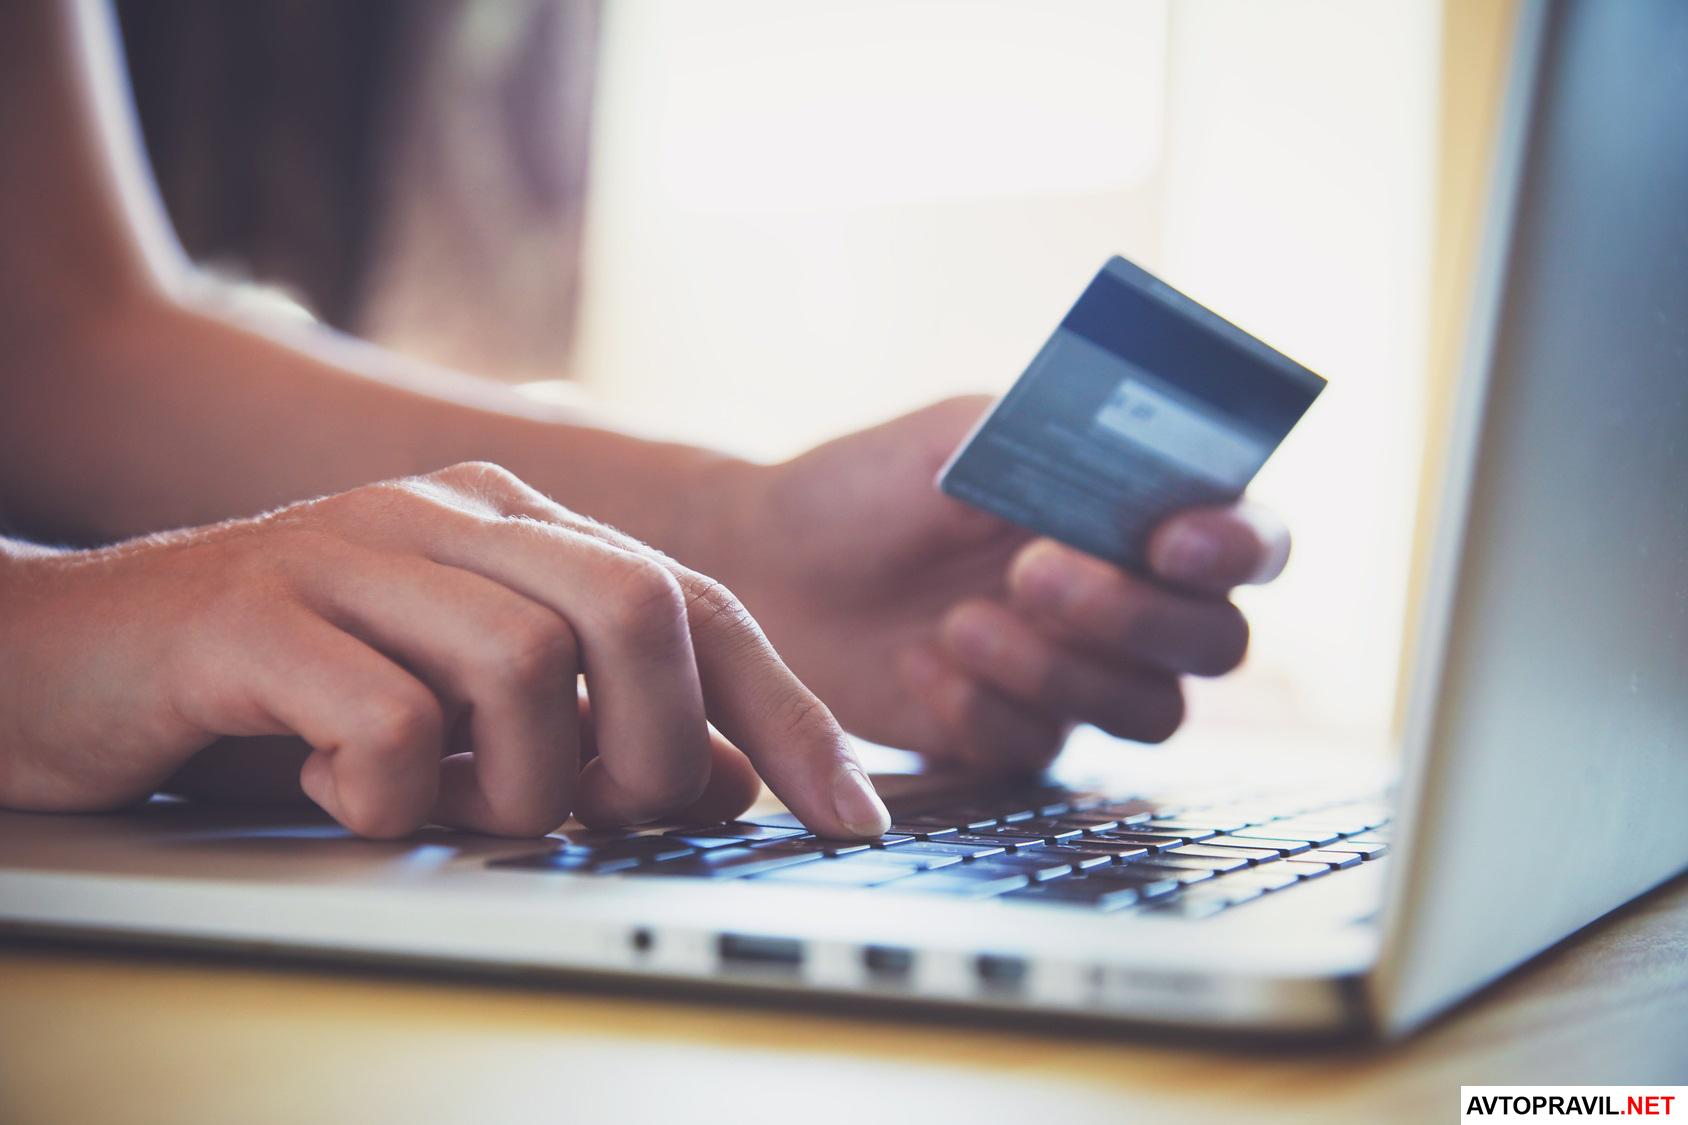 кредитная карта в руках и компьютер